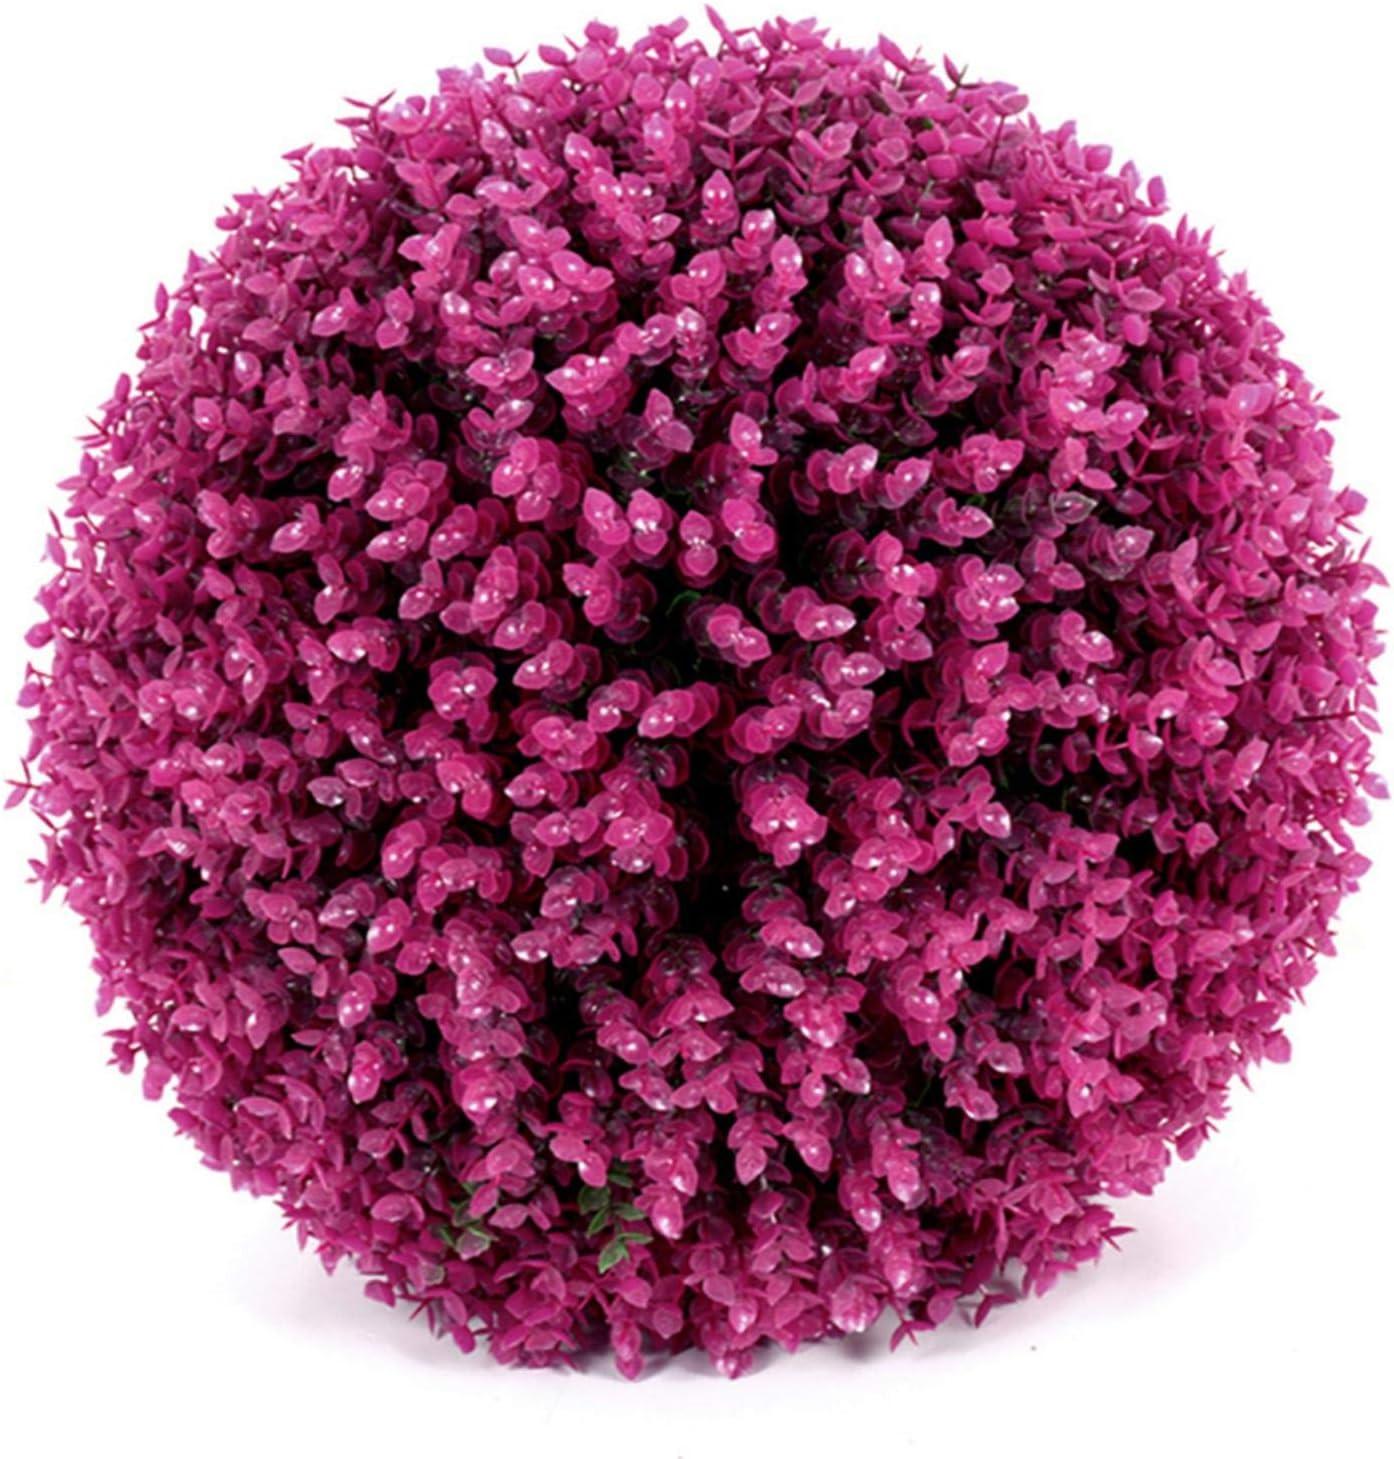 Dreameryoly Simulado Bola de Hierba Decorativa Eucalipto Artificial Bola de Hierba Planta Decorativa Bola para Centro Comercial de Bodas Navidad Decoración para el hogar Eco Friendly